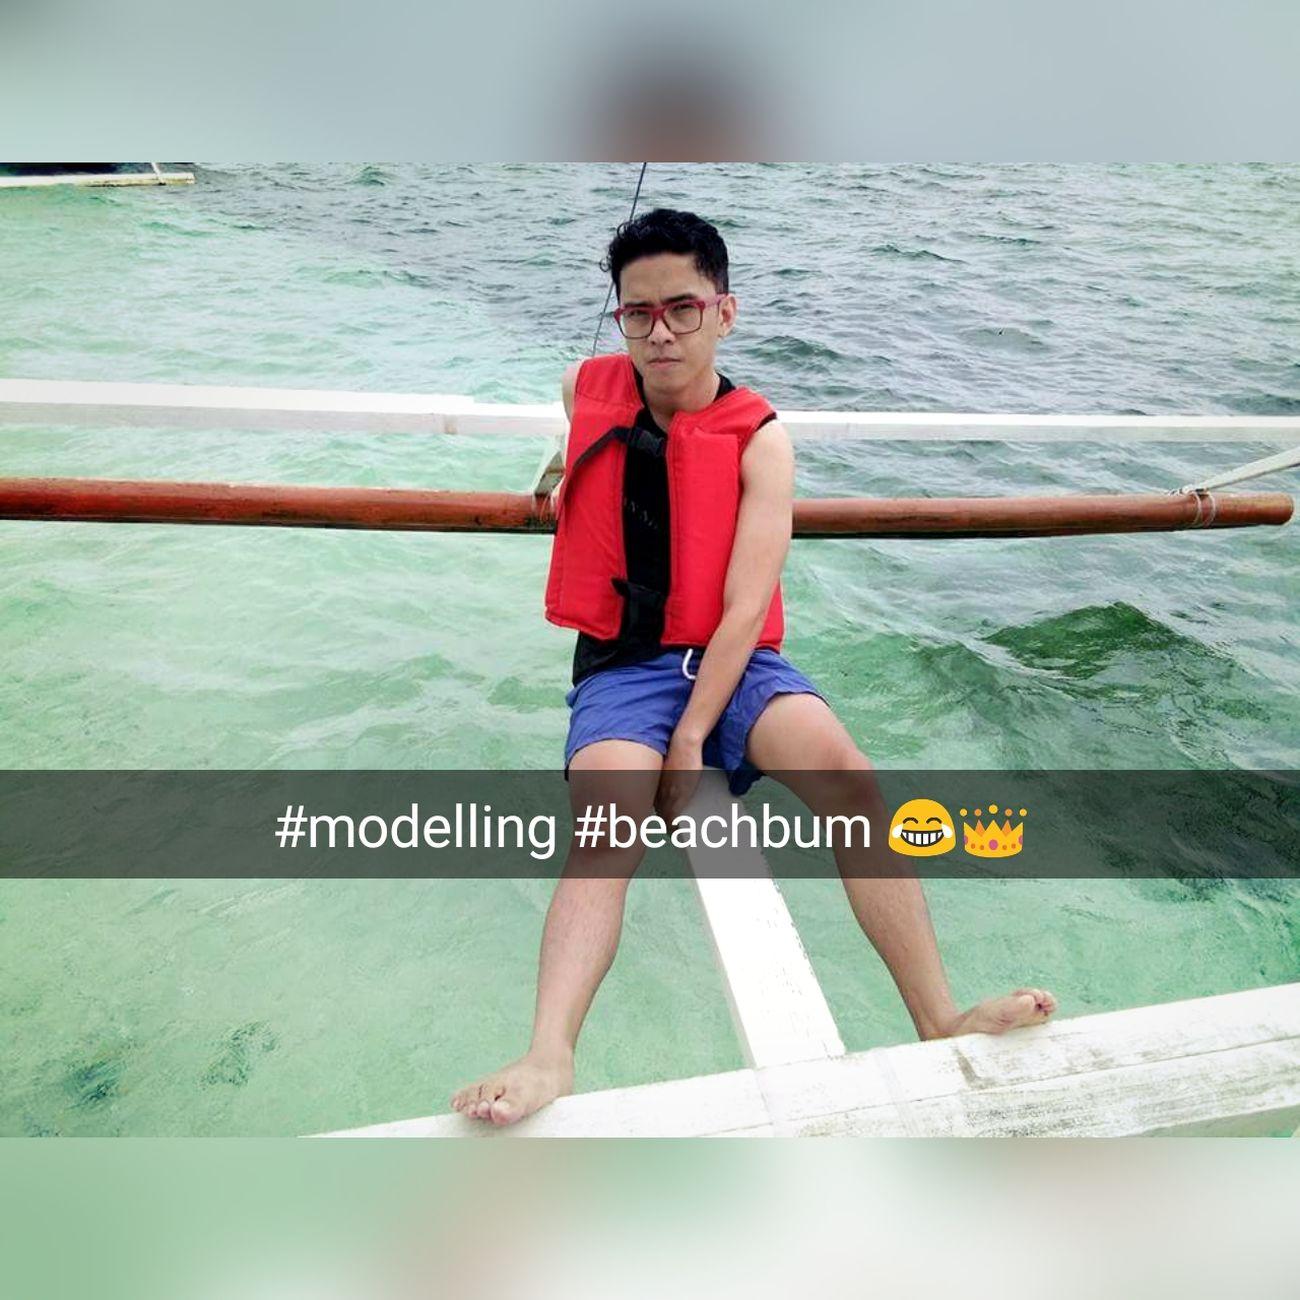 Britania SurigaoDelSur Modelling Beachbum